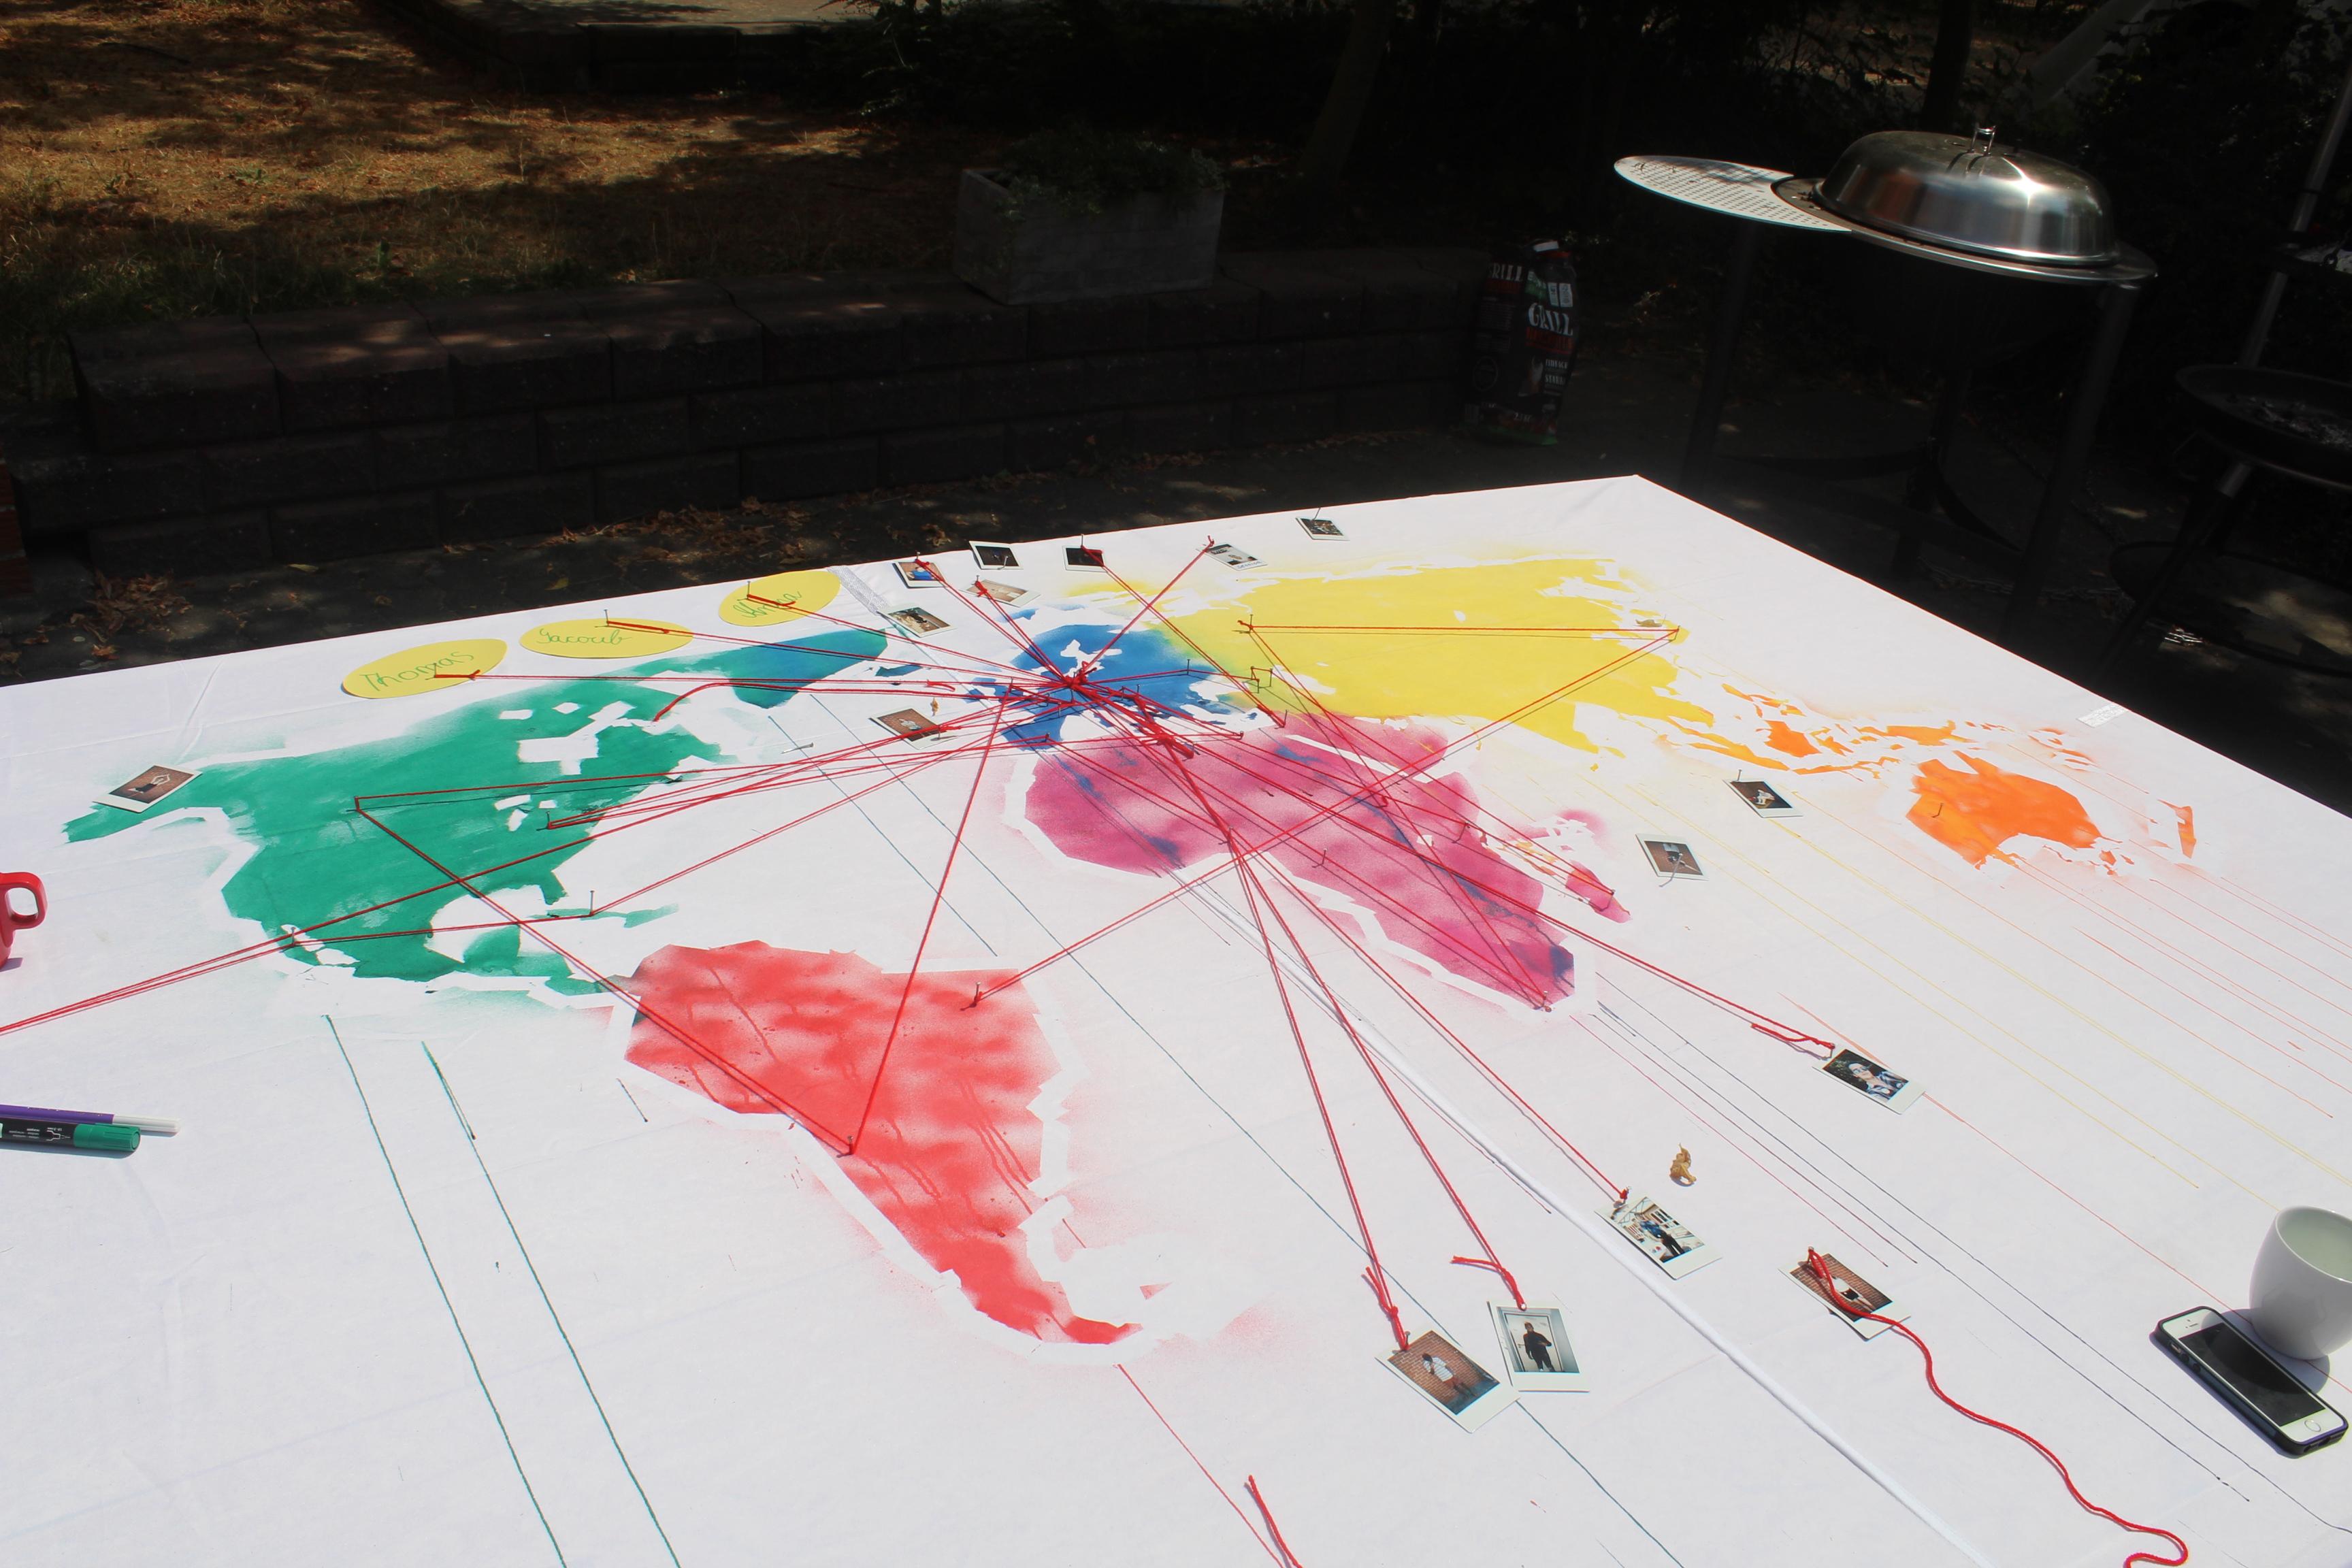 Jeder konnte sich auf der Weltkarte aus dem Making-Workshop verewigen.